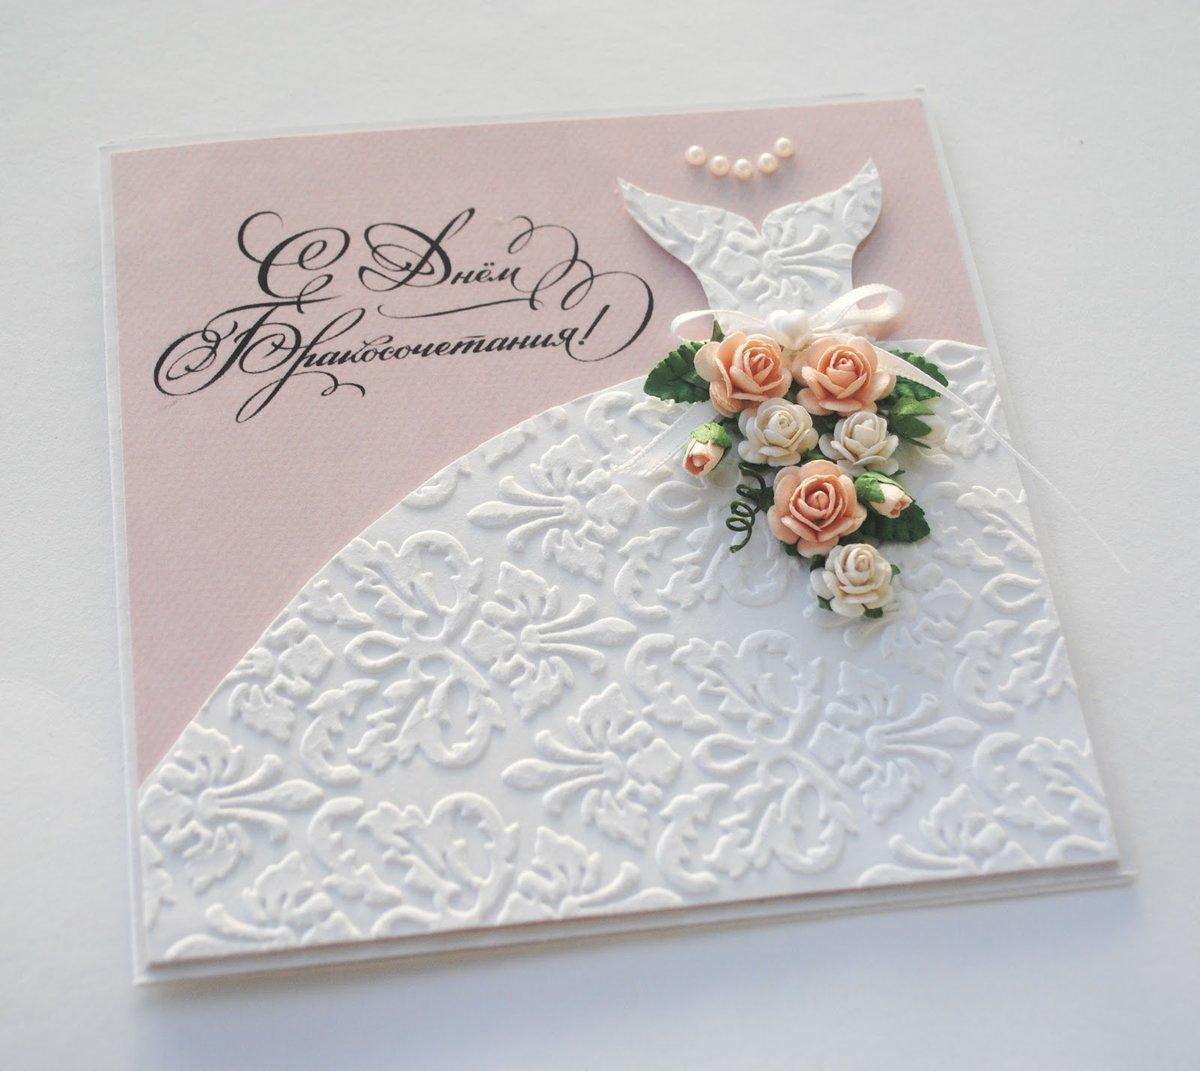 Скрапбукинг для свадебной открытки